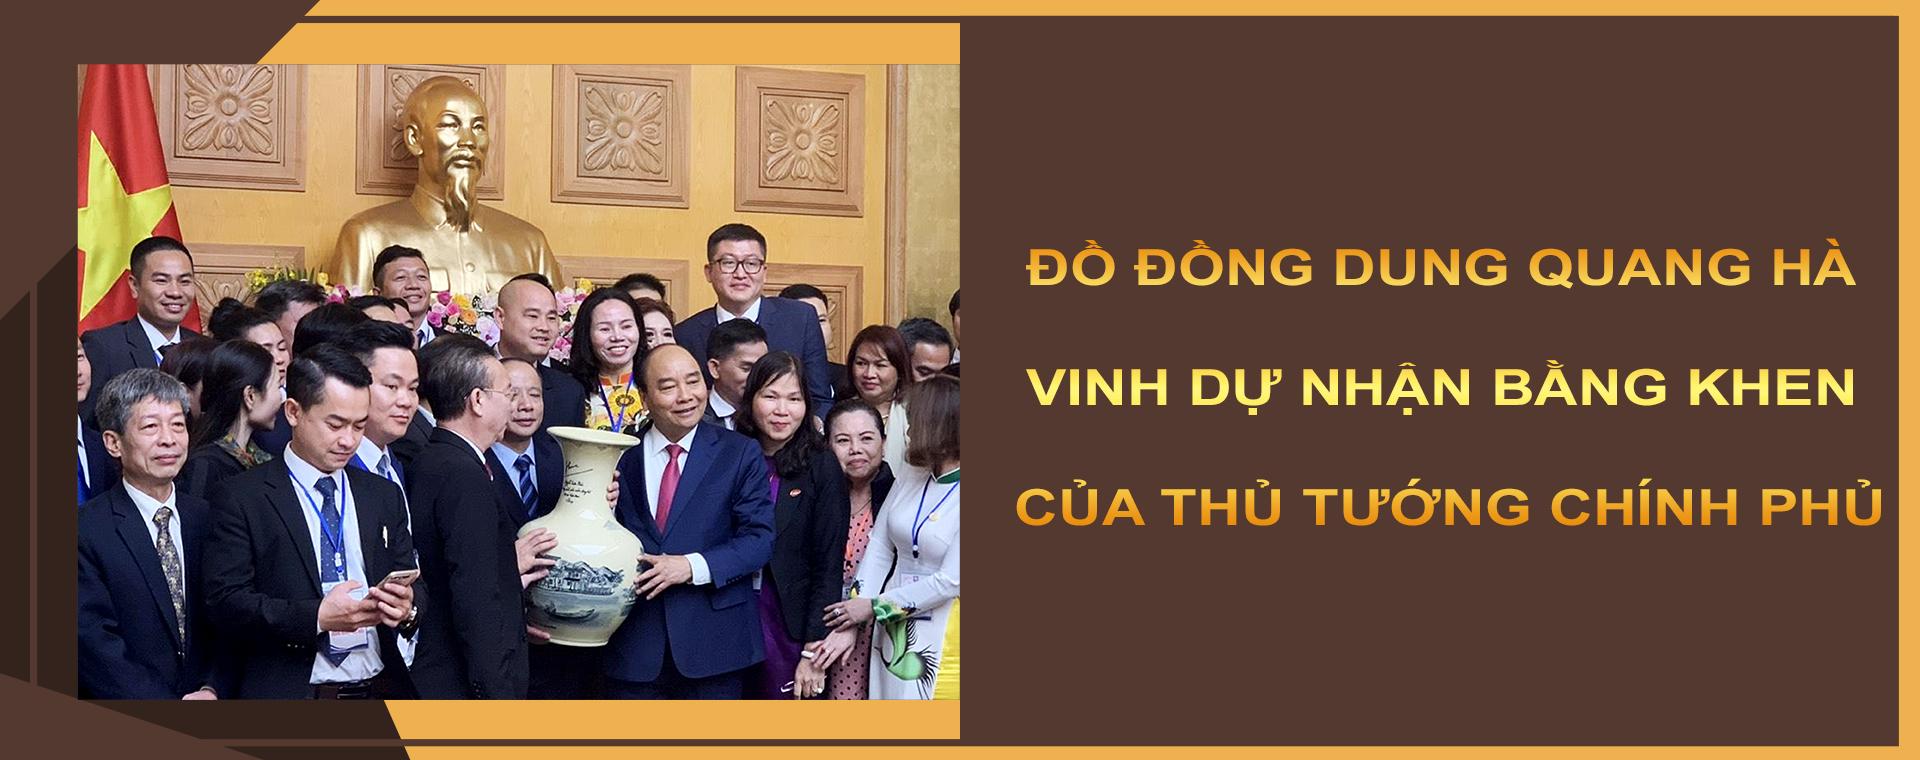 do-dong-dung-quang-ha-vinh-du-nhan-bang-khen-cua-thu-tuong-nguyen-xuan-phuc.jpg